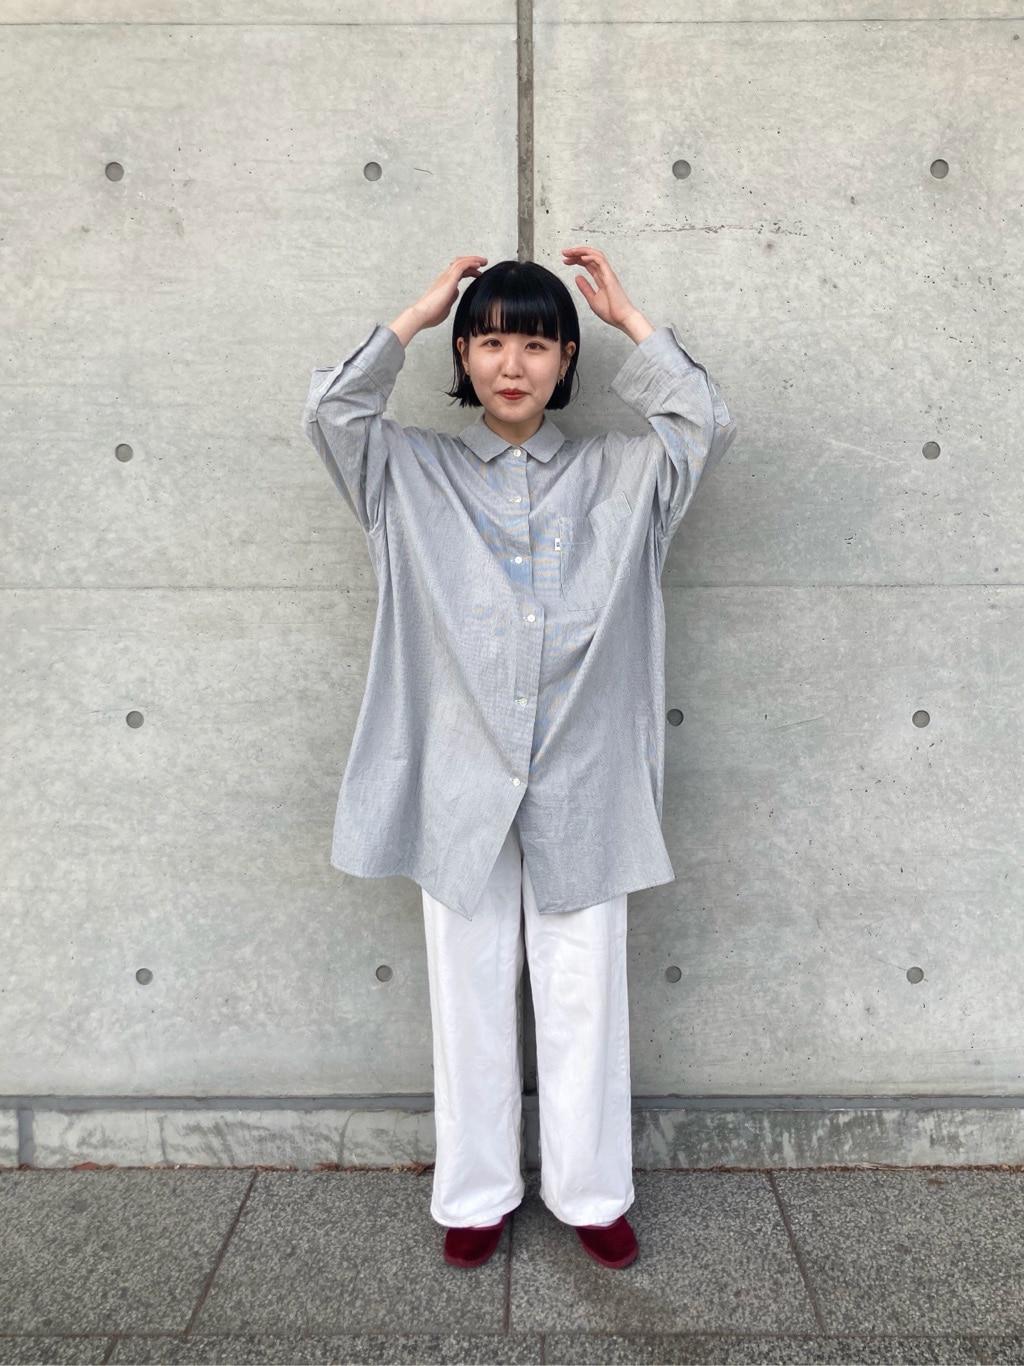 l'atelier du savon 東京スカイツリータウン・ソラマチ 身長:152cm 2021.05.15